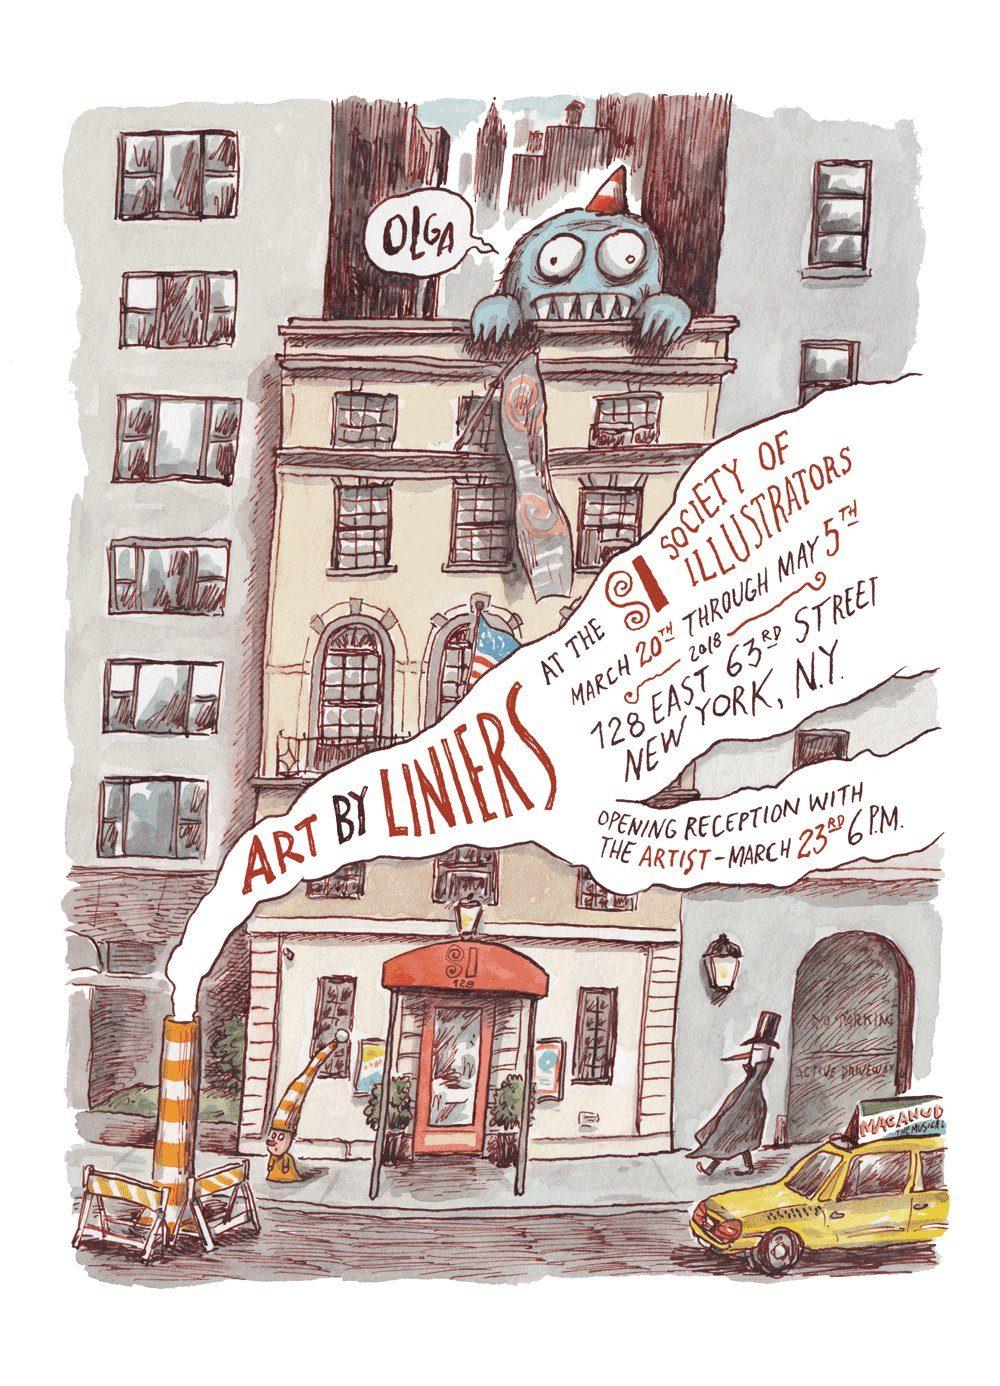 Art by Liniers, a primeira grande exposição de Liniers nos EUA